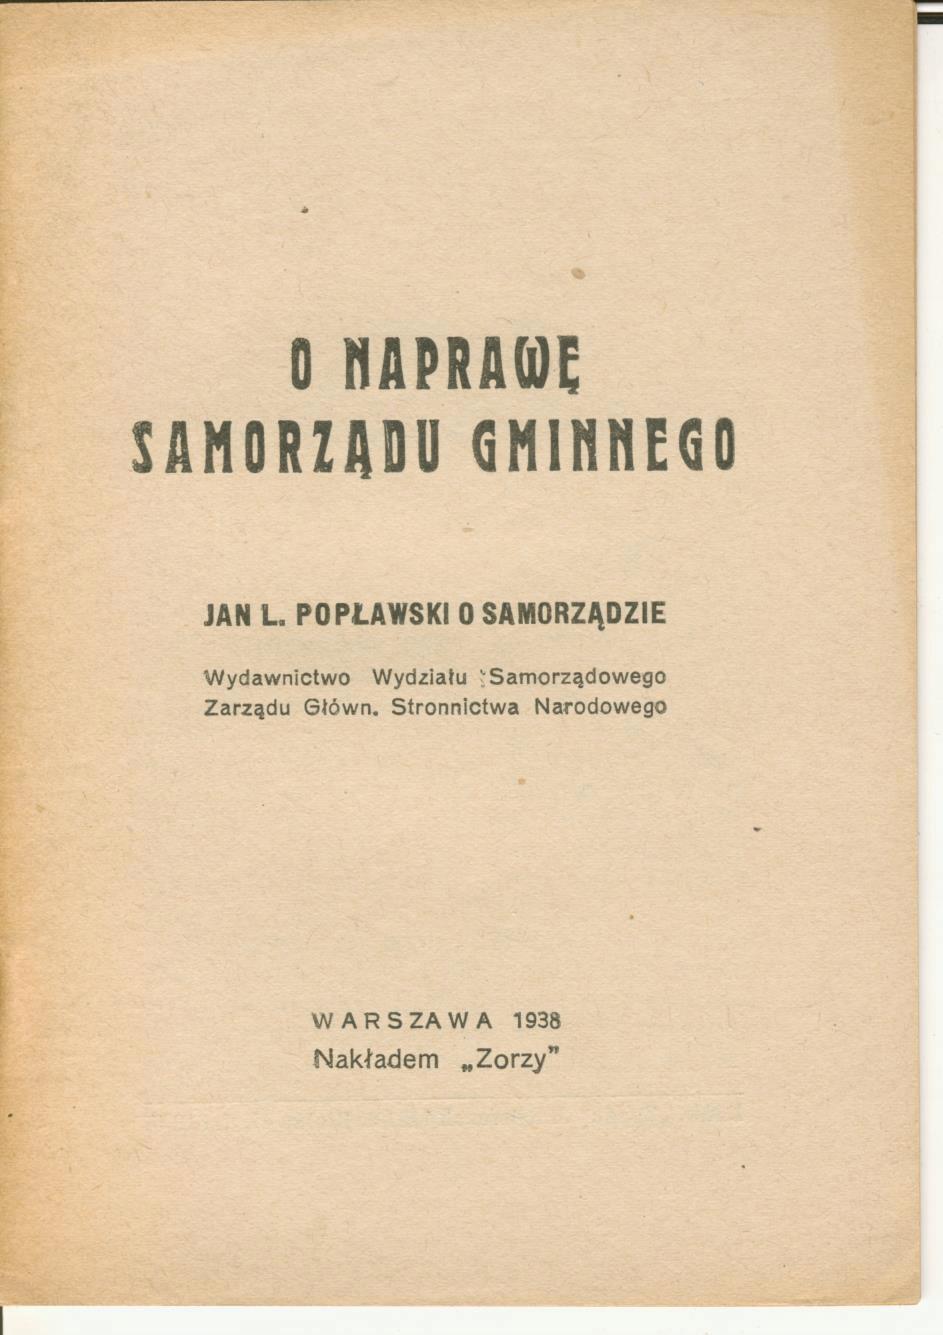 J.Popławski - O Samorządzie, Stronnictwo Narodowe